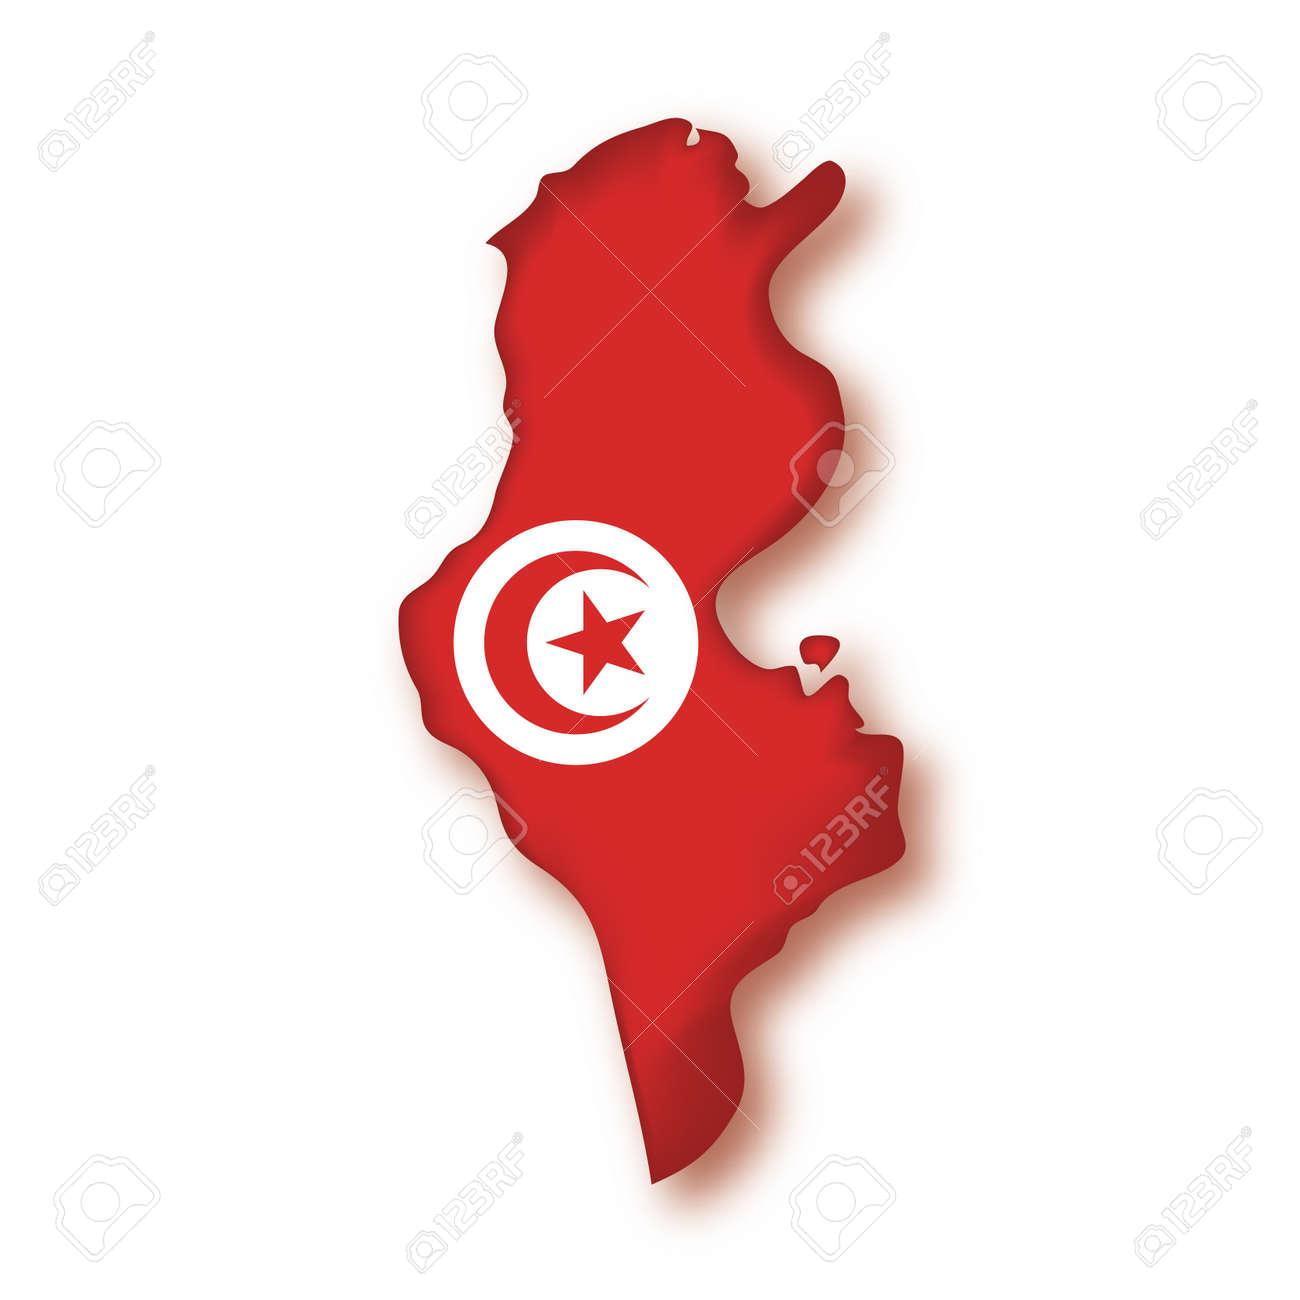 Mapa De La Bandera De Túnez Ilustraciones Vectoriales, Clip Art ...